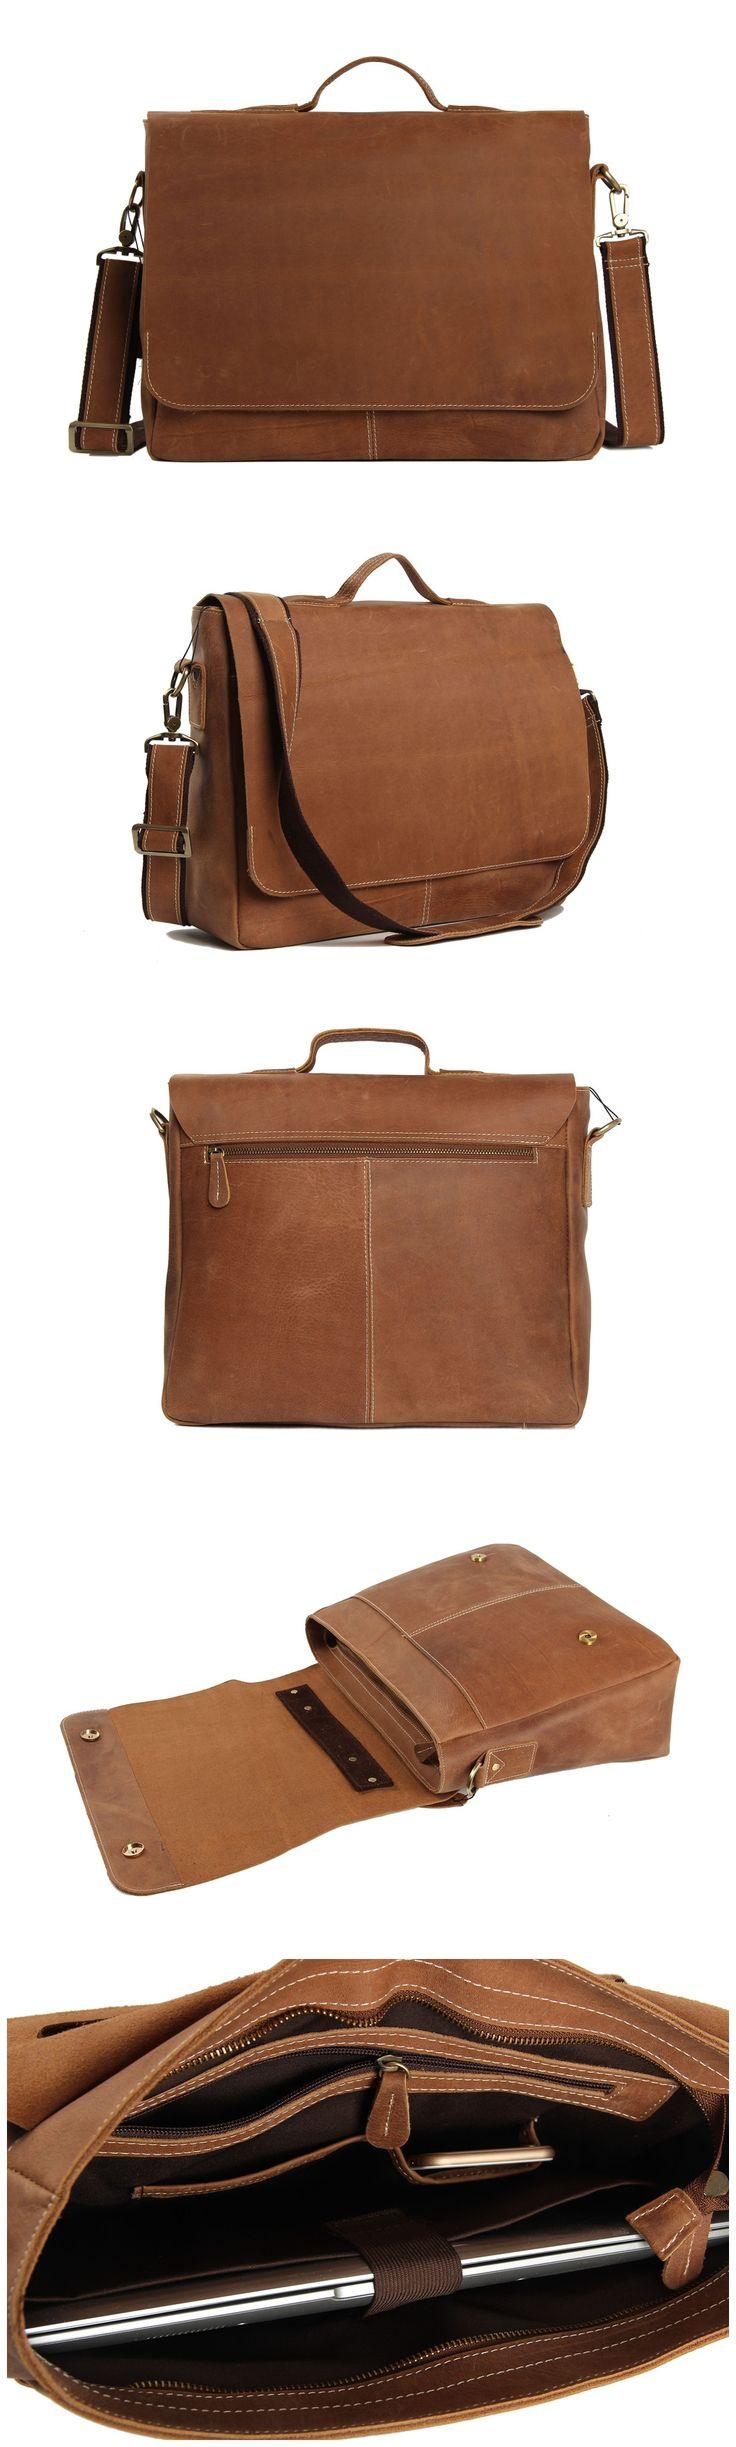 Leather Briefcase Messenger Bag Laptop Bag Men's Bag